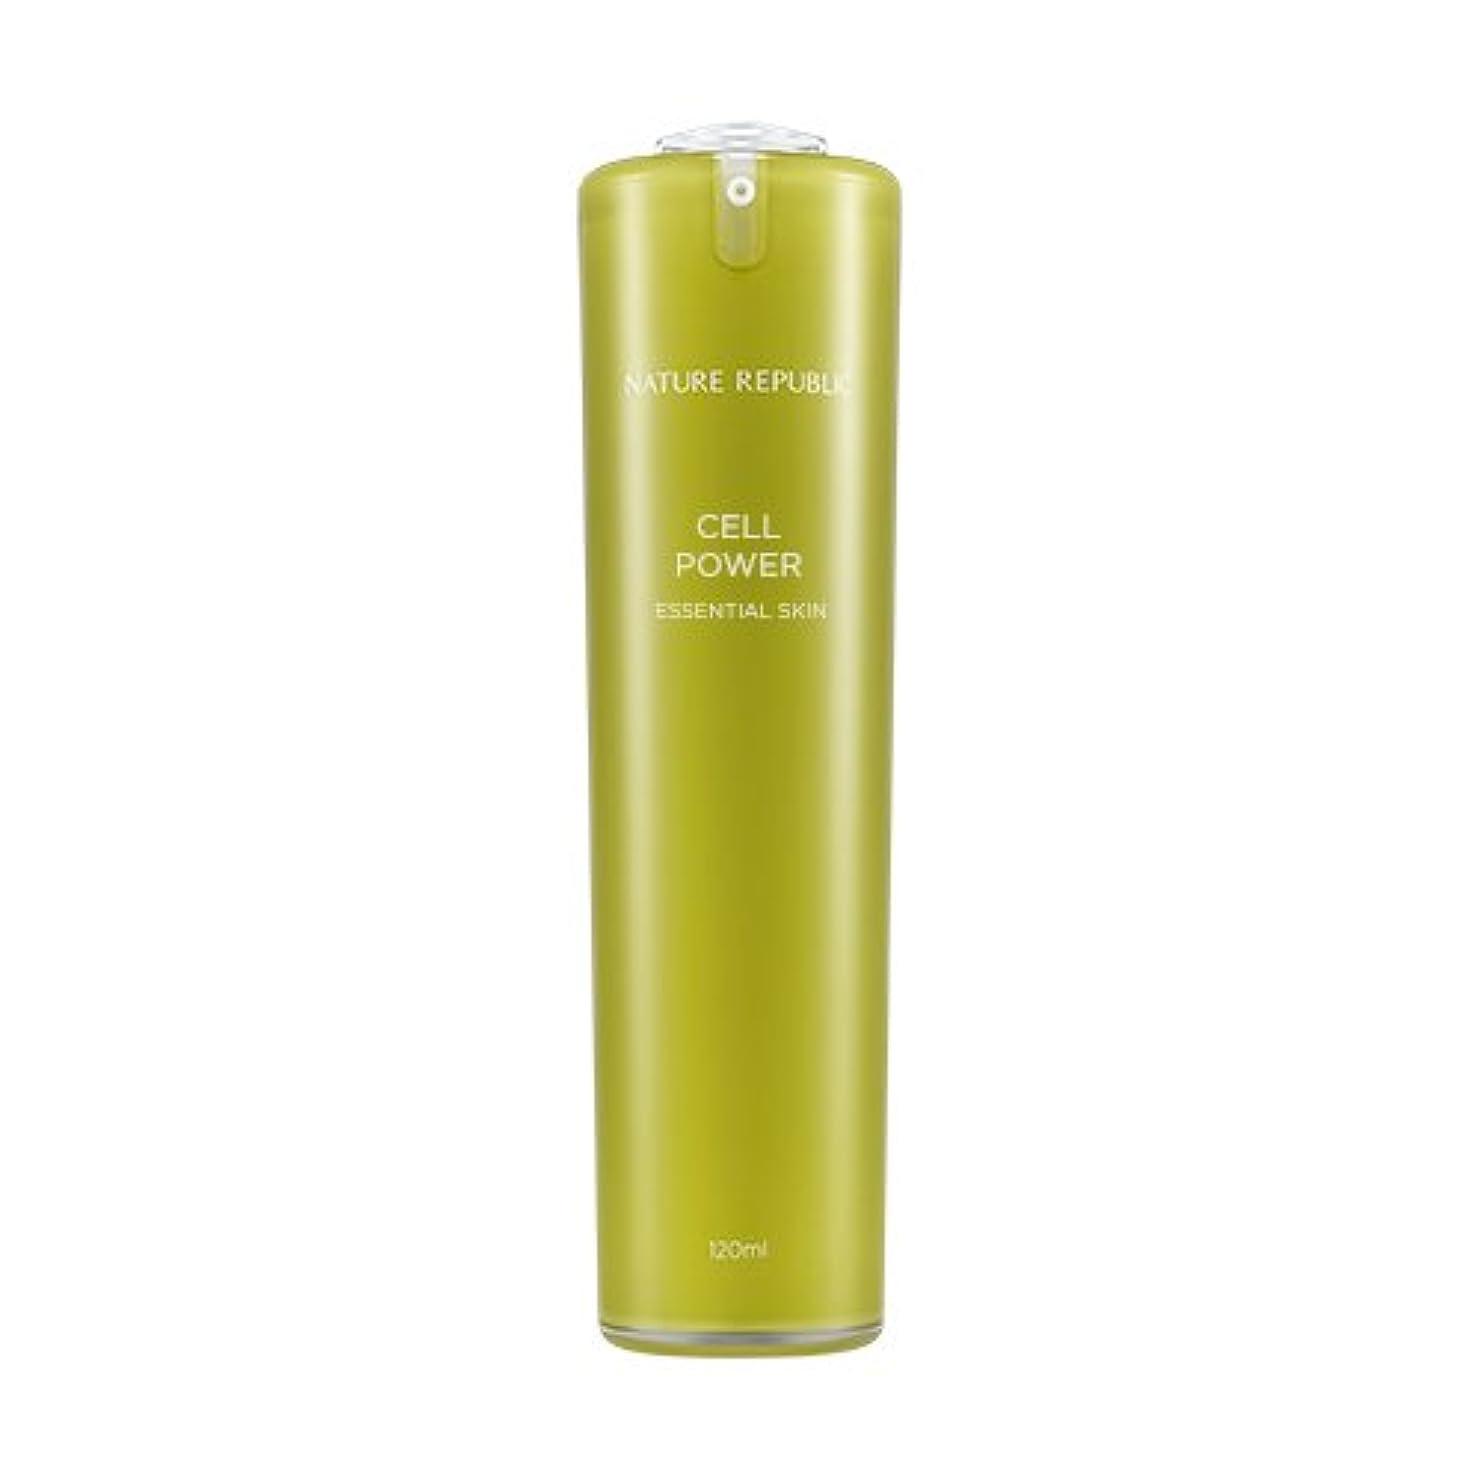 ドナー敷居ハブNATURE REPUBLIC Cell Power Essential Skin / ネイチャーリパブリックセルパワーエッセンシャルスキン 120ml [並行輸入品]